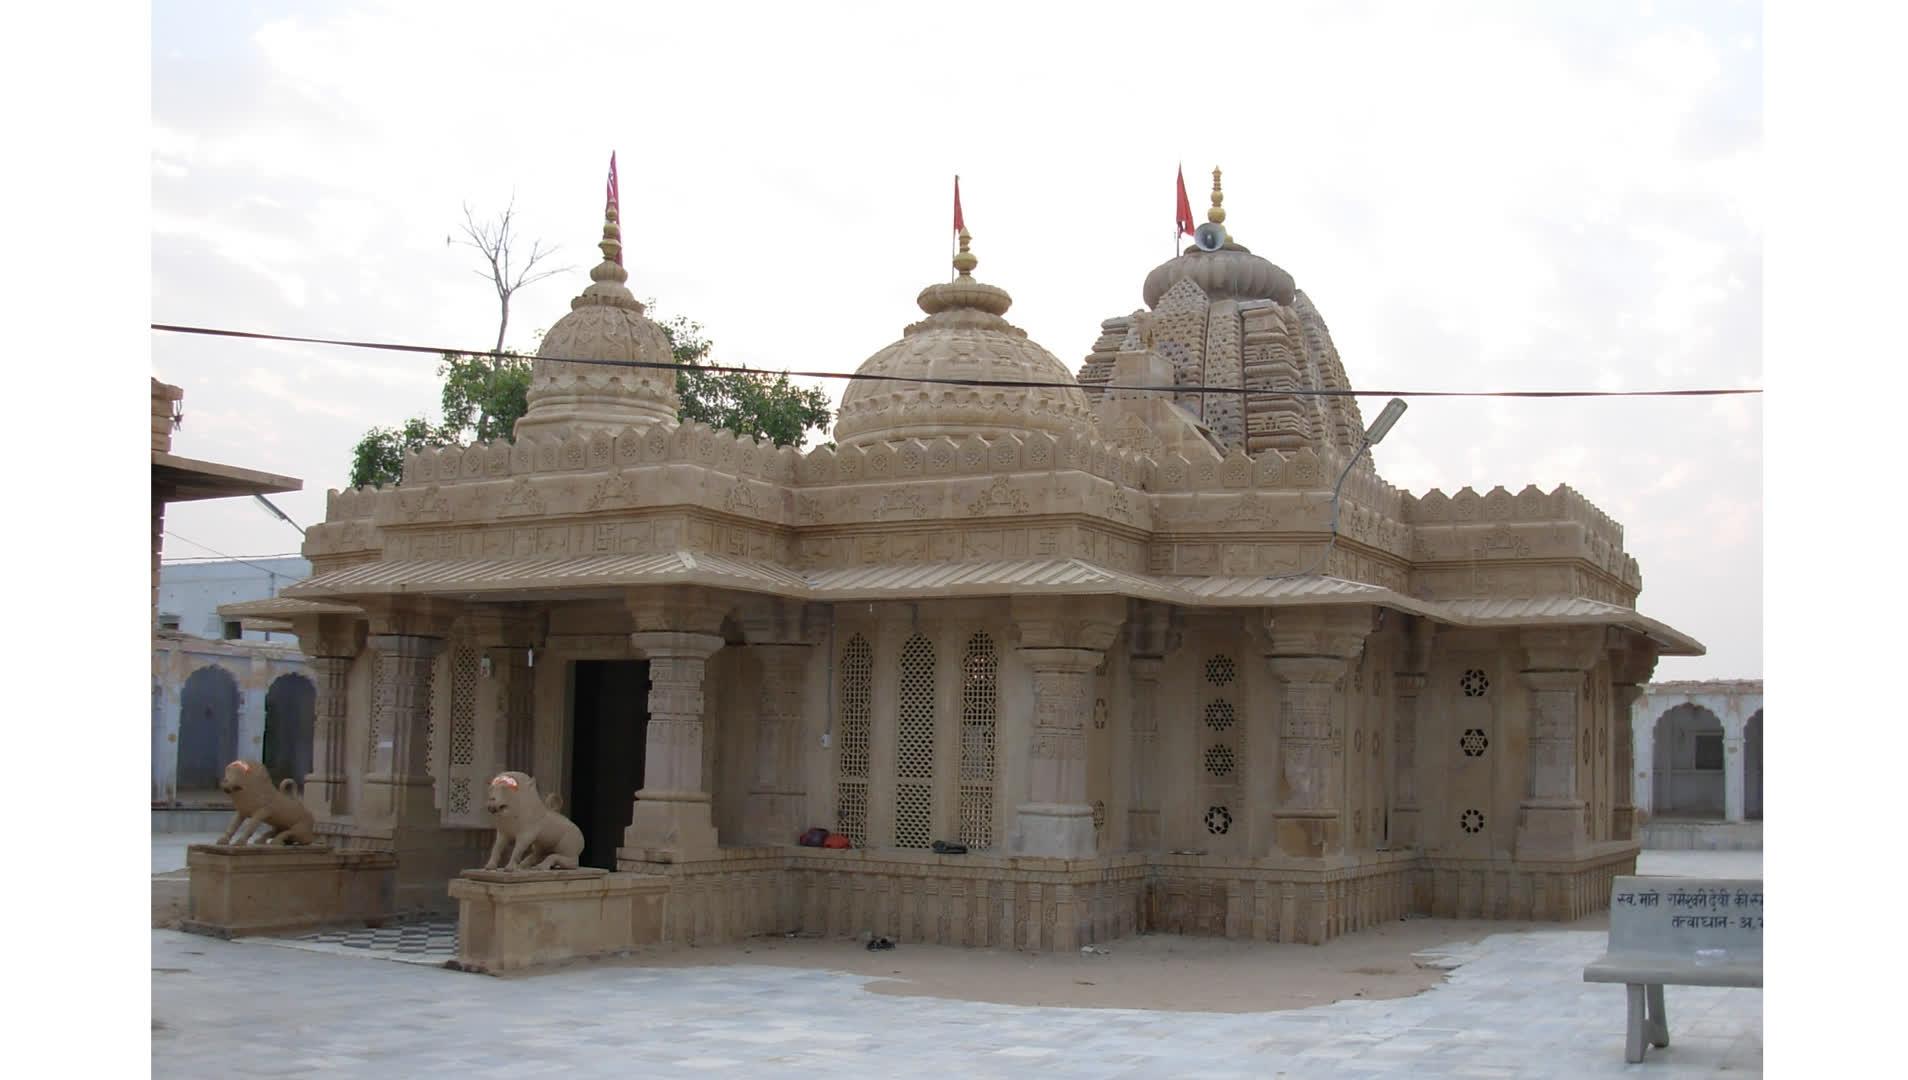 मारवाड़ का मुख्य शक्ति पीठ: दधिमति माताजी मंदिर